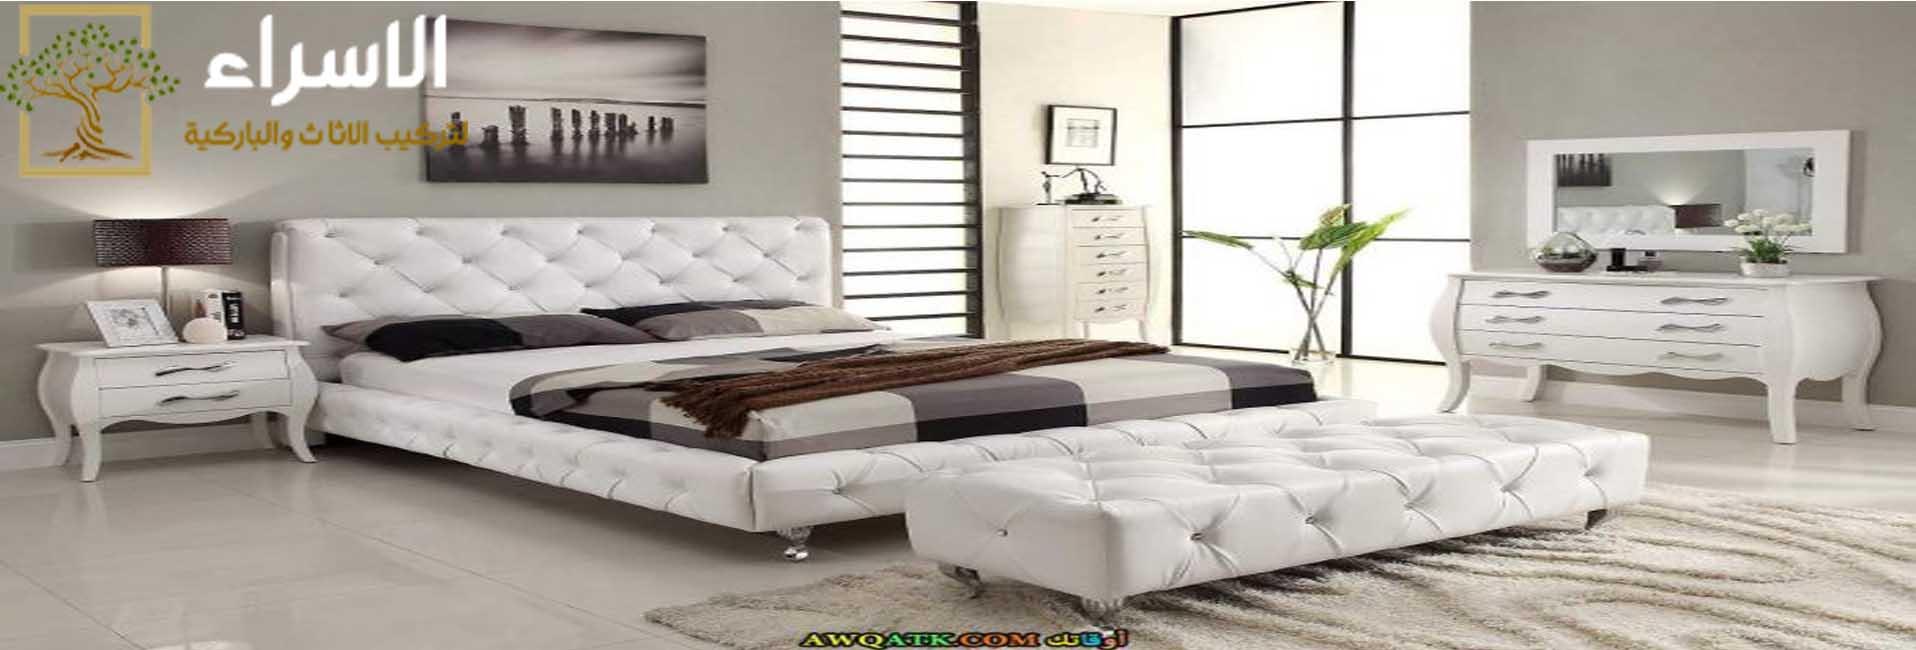 شركة تركيب غرف نوم ايكيا بالجبيل